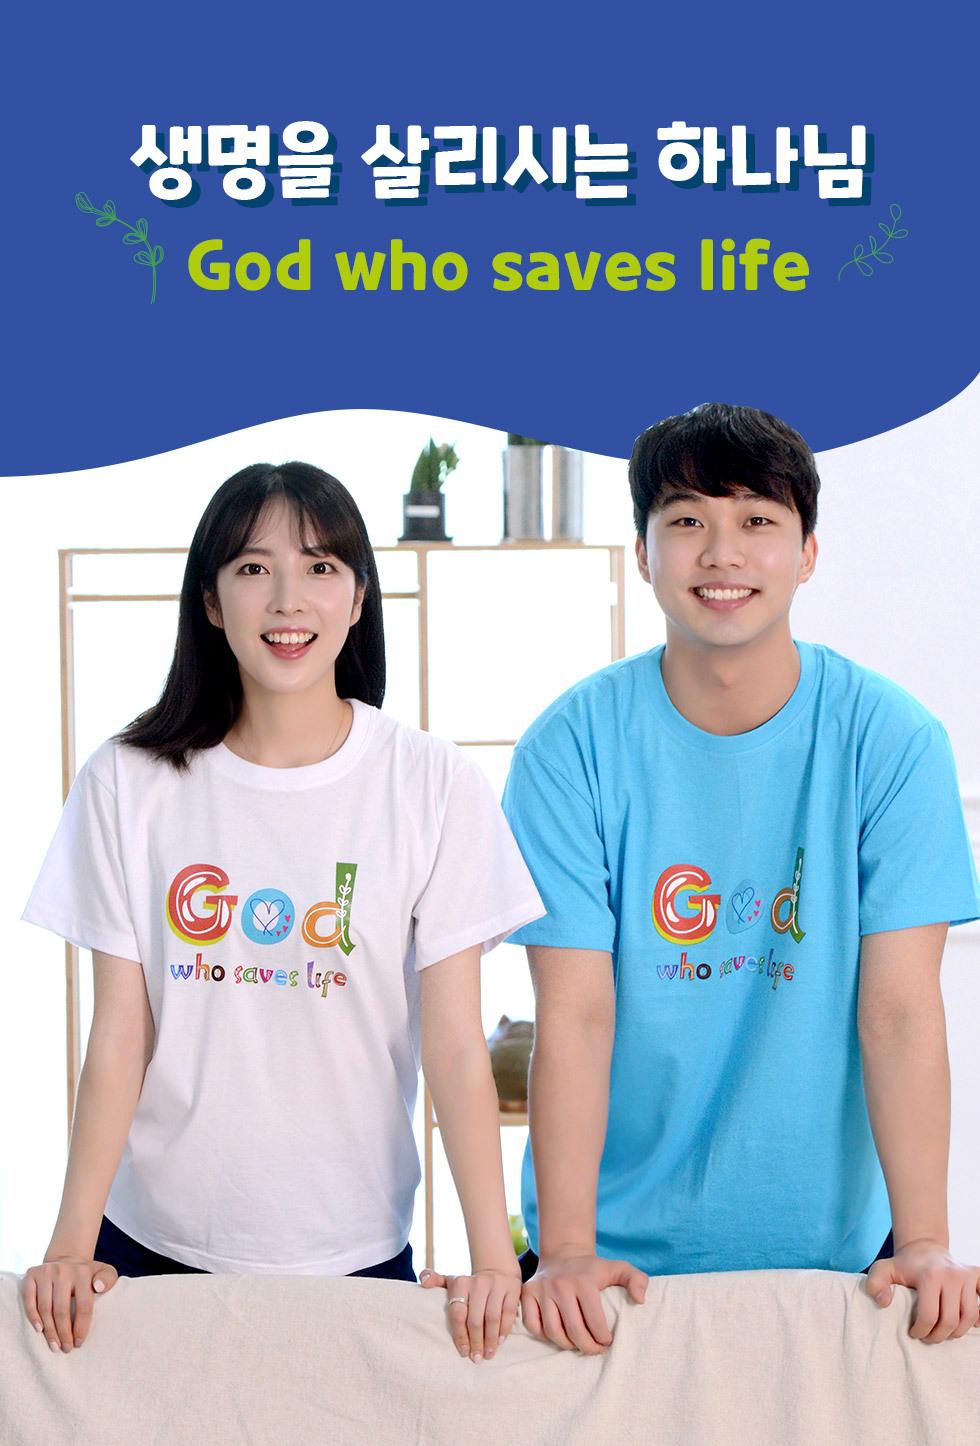 생명을 살리시는 하나님, God who saves life - 성인티셔츠(갓세라) 타이틀이미지